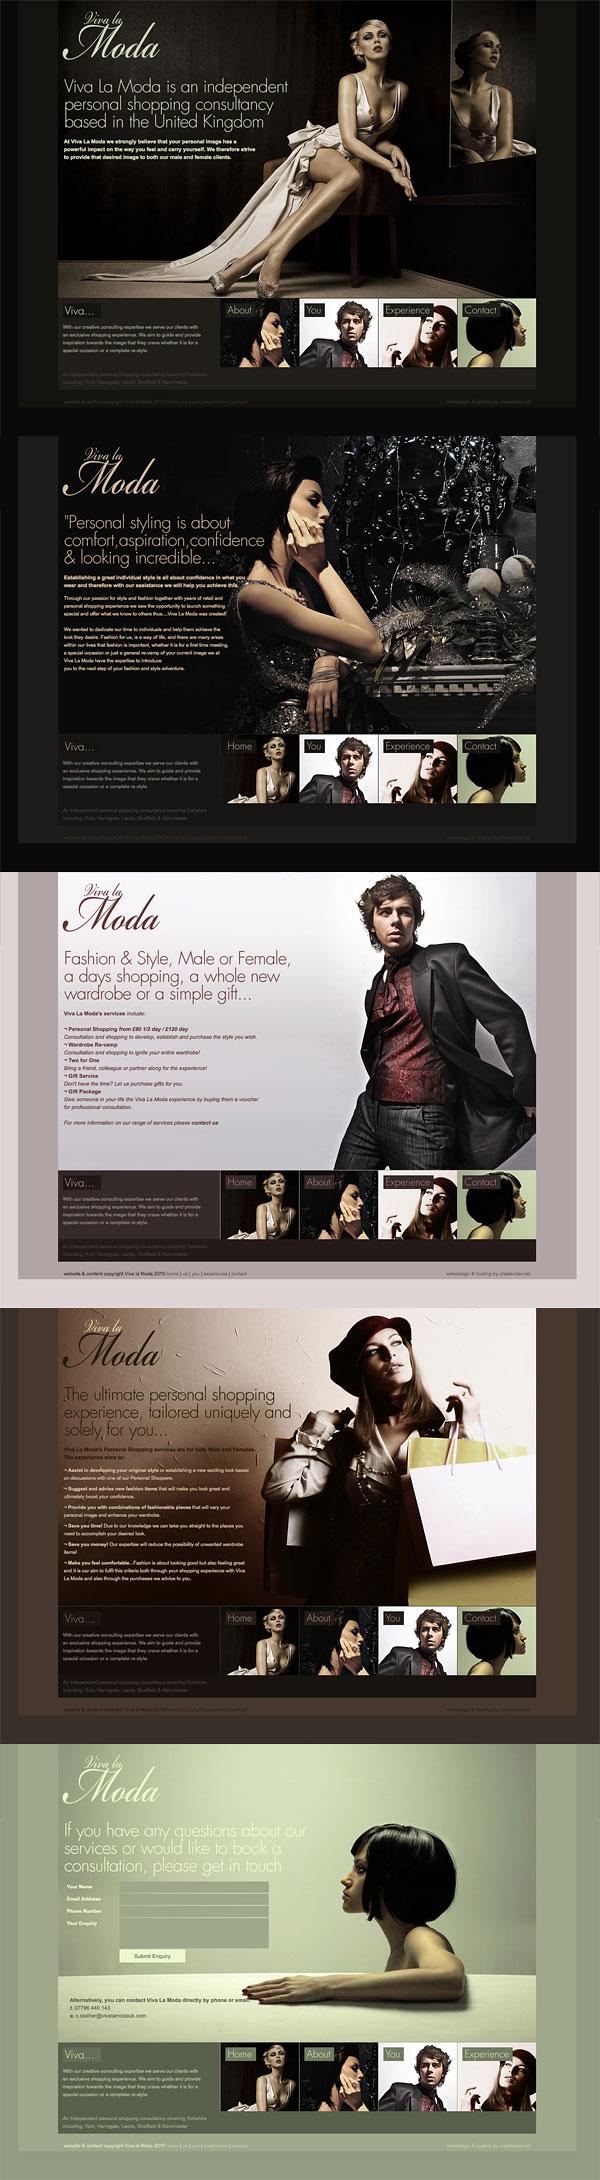 Web Design > Viva La Moda